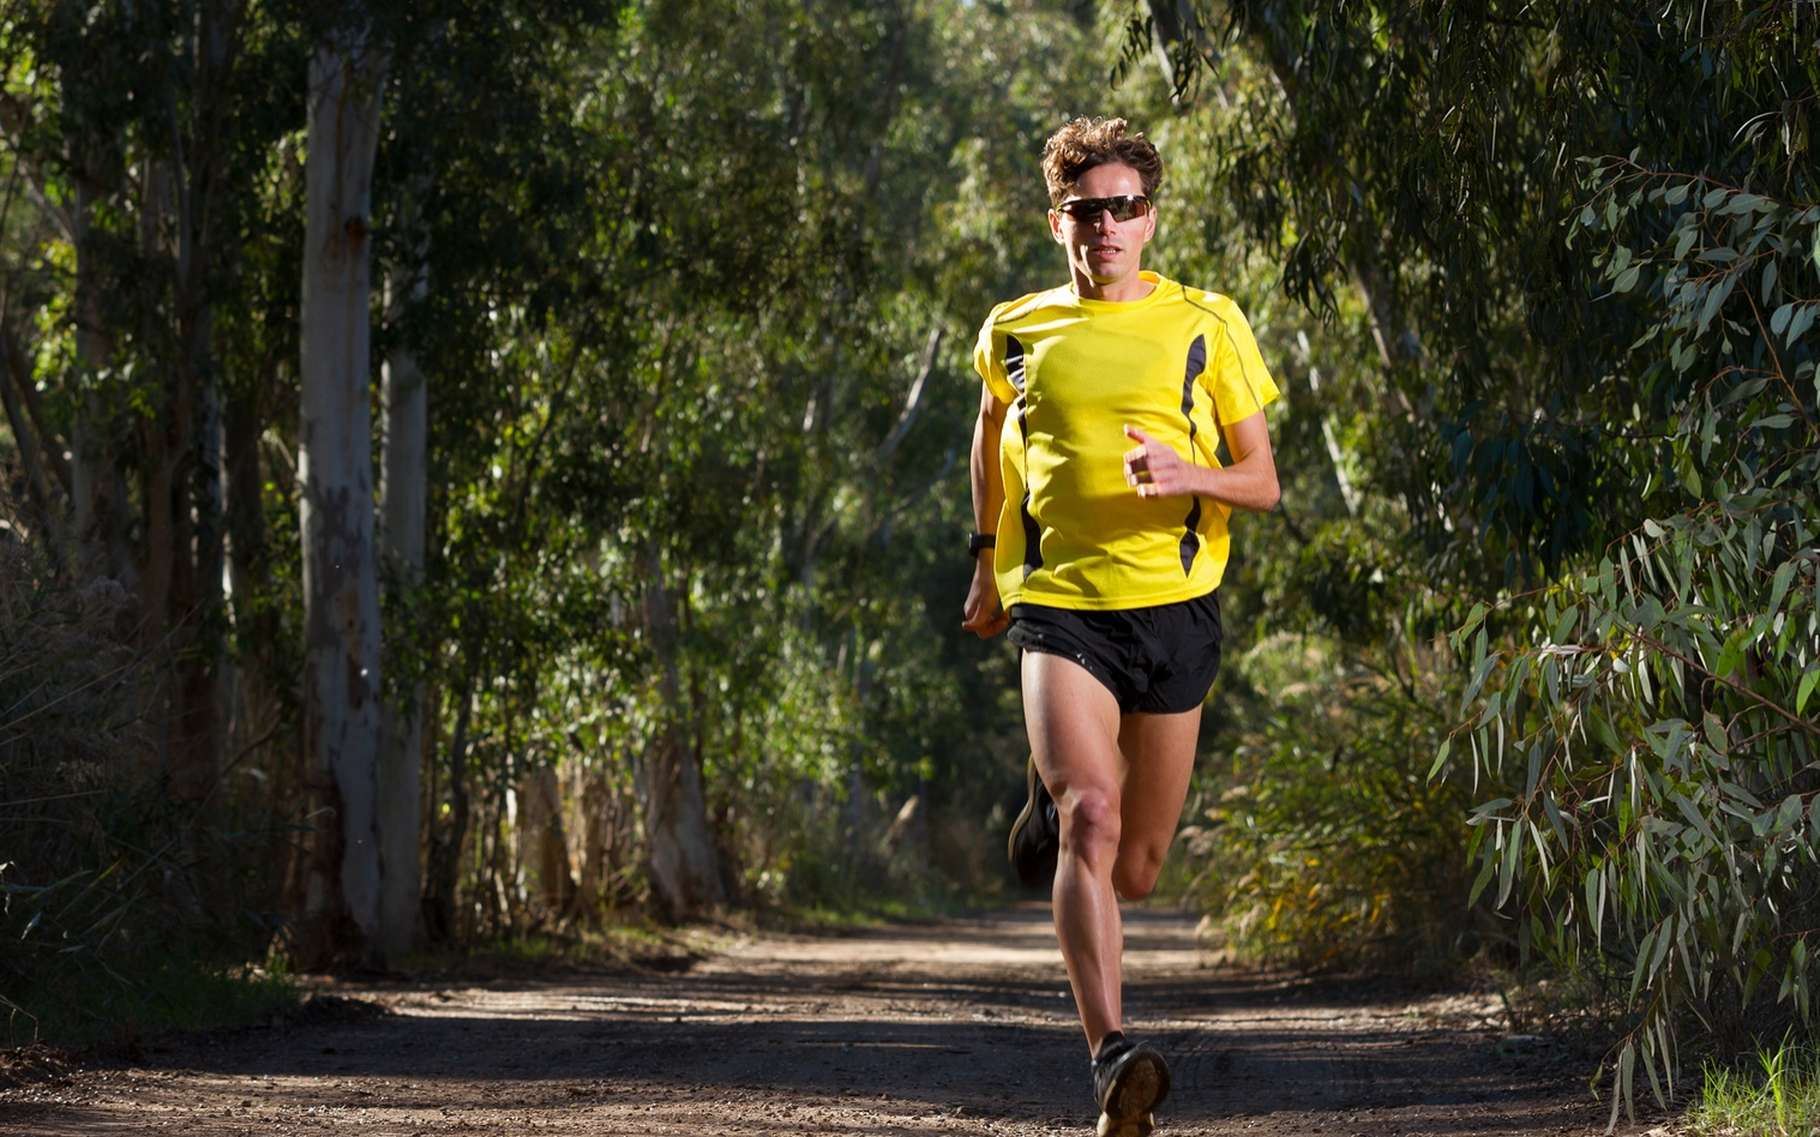 Courir 30 mn trois ou quatre fois par semaine améliore la qualité du sperme en quelques mois. © Gines Romero, Shutterstock